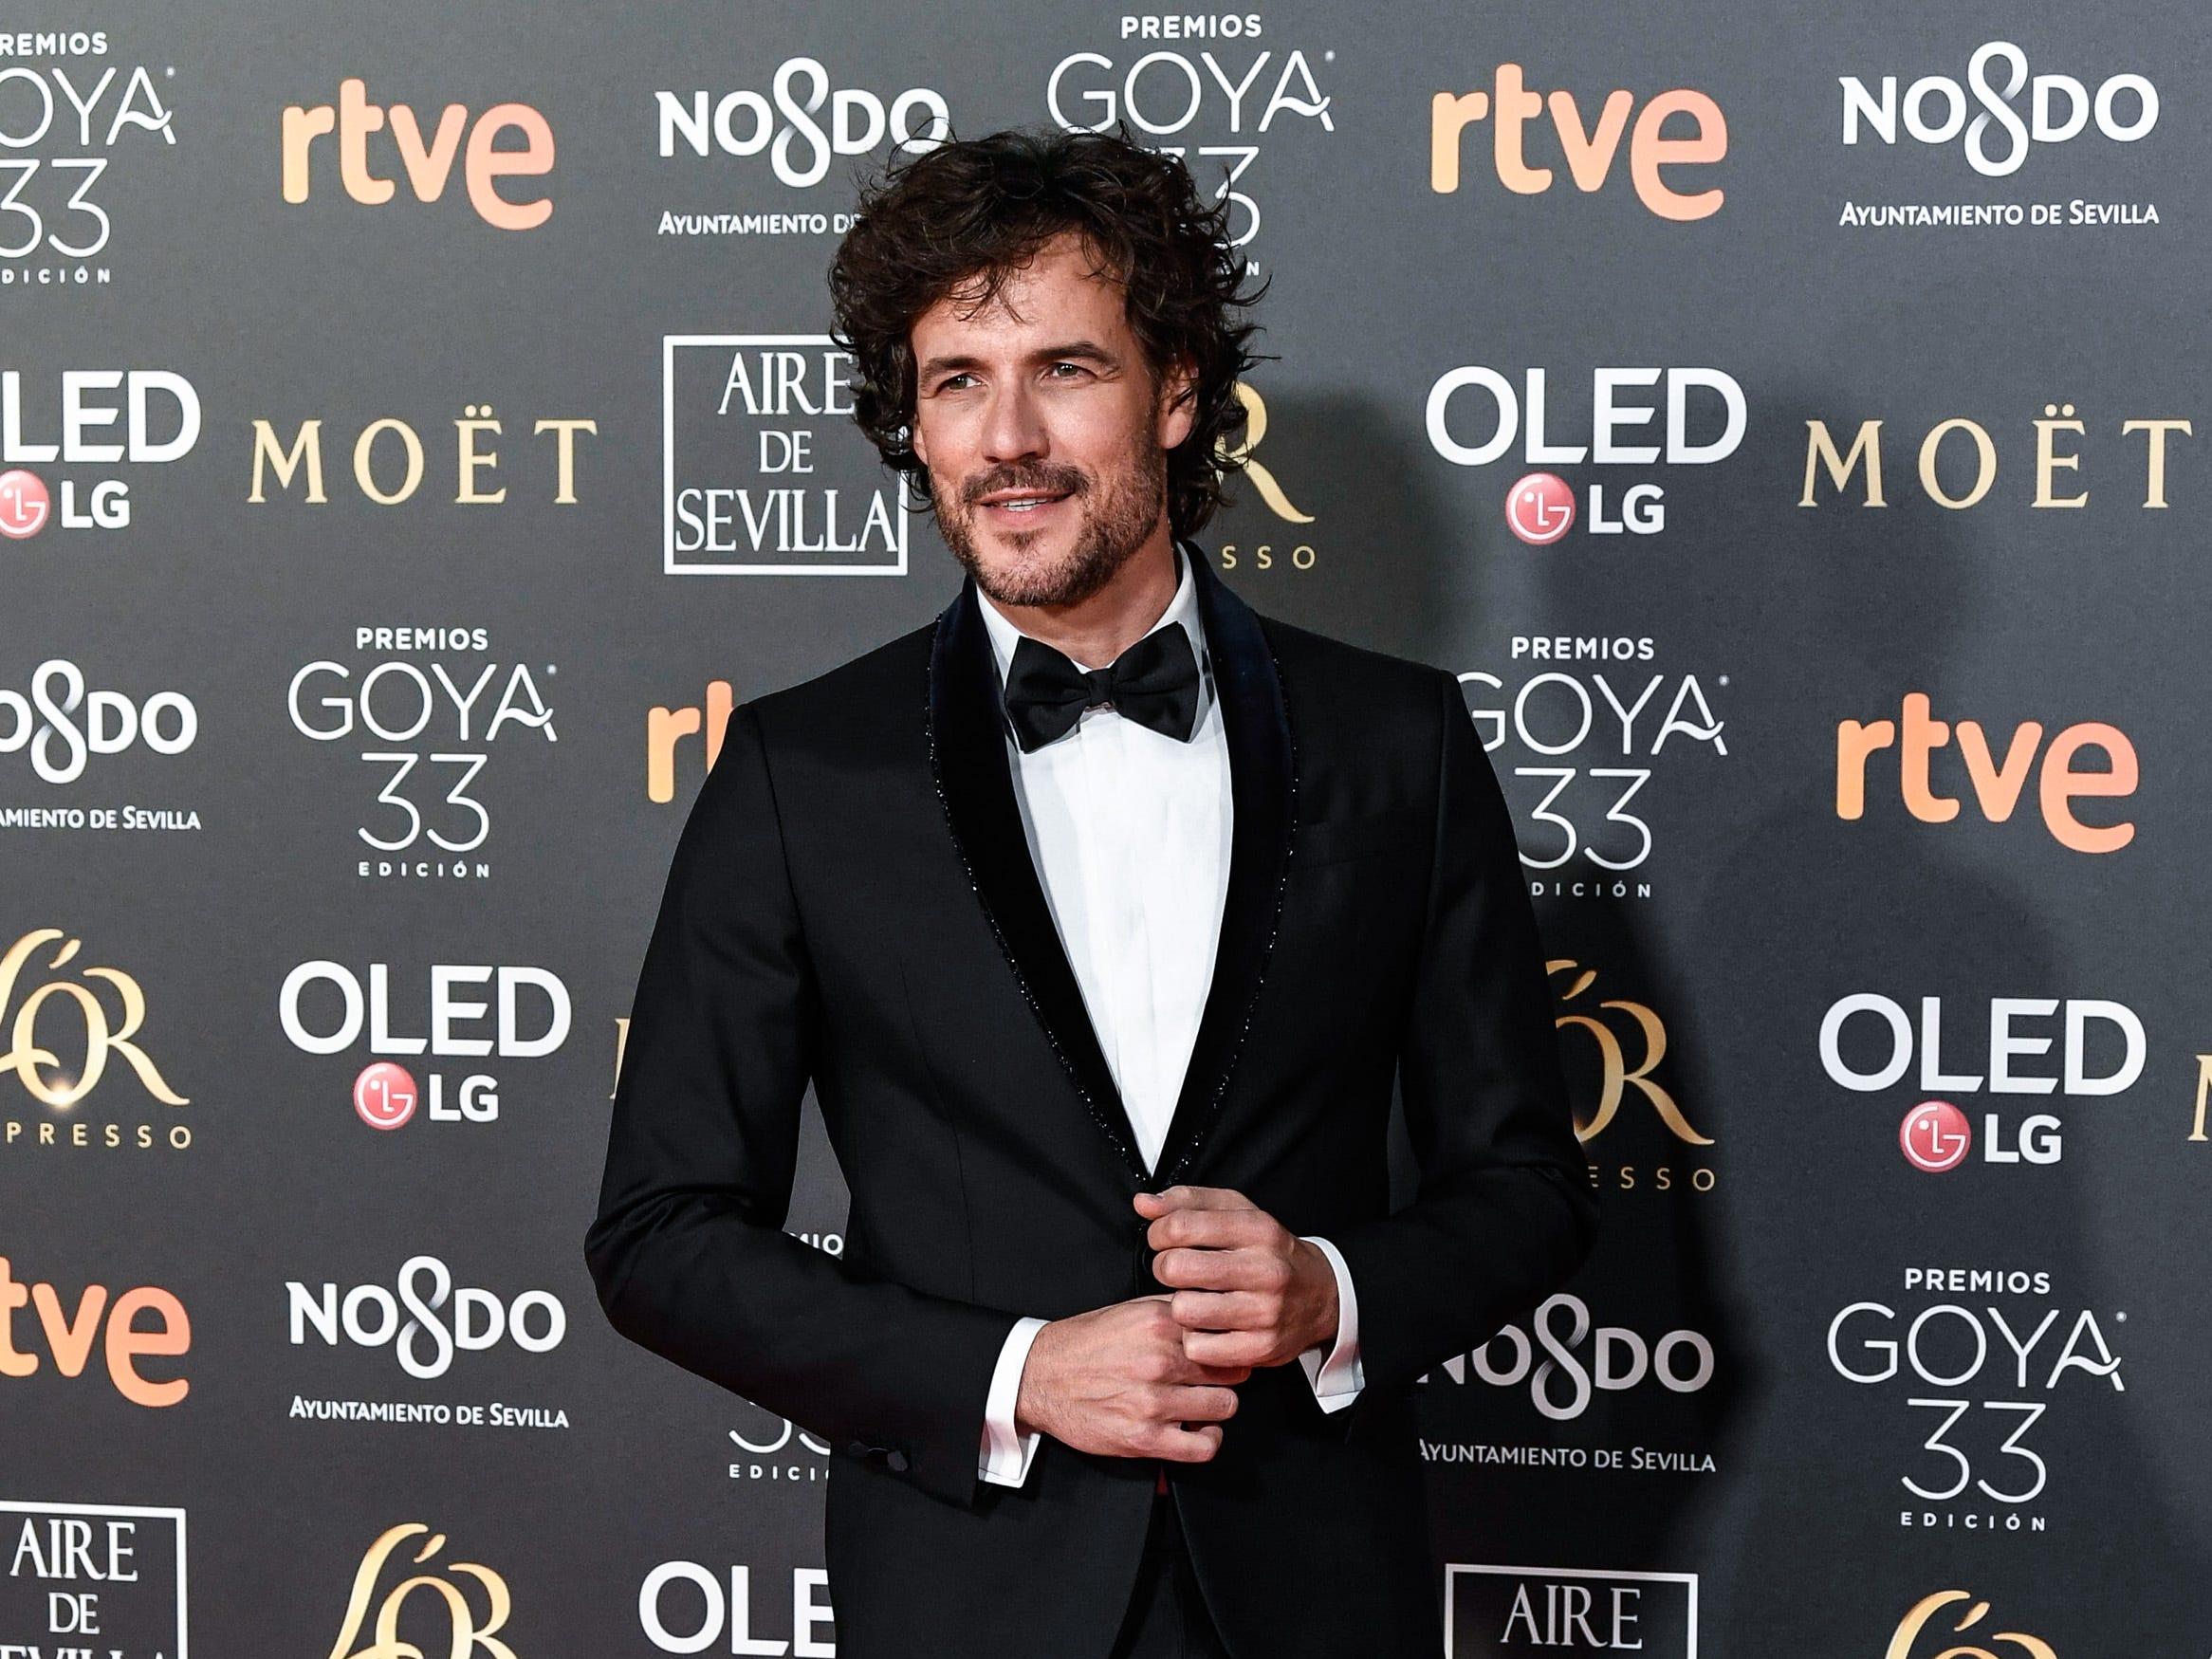 Daniel Grao asiste a la 33ª edición de los Premios de Cine Goya en el Palacio de Congresos y Exposiciones FIBES el 2 de febrero de 2019 en Sevilla, España.